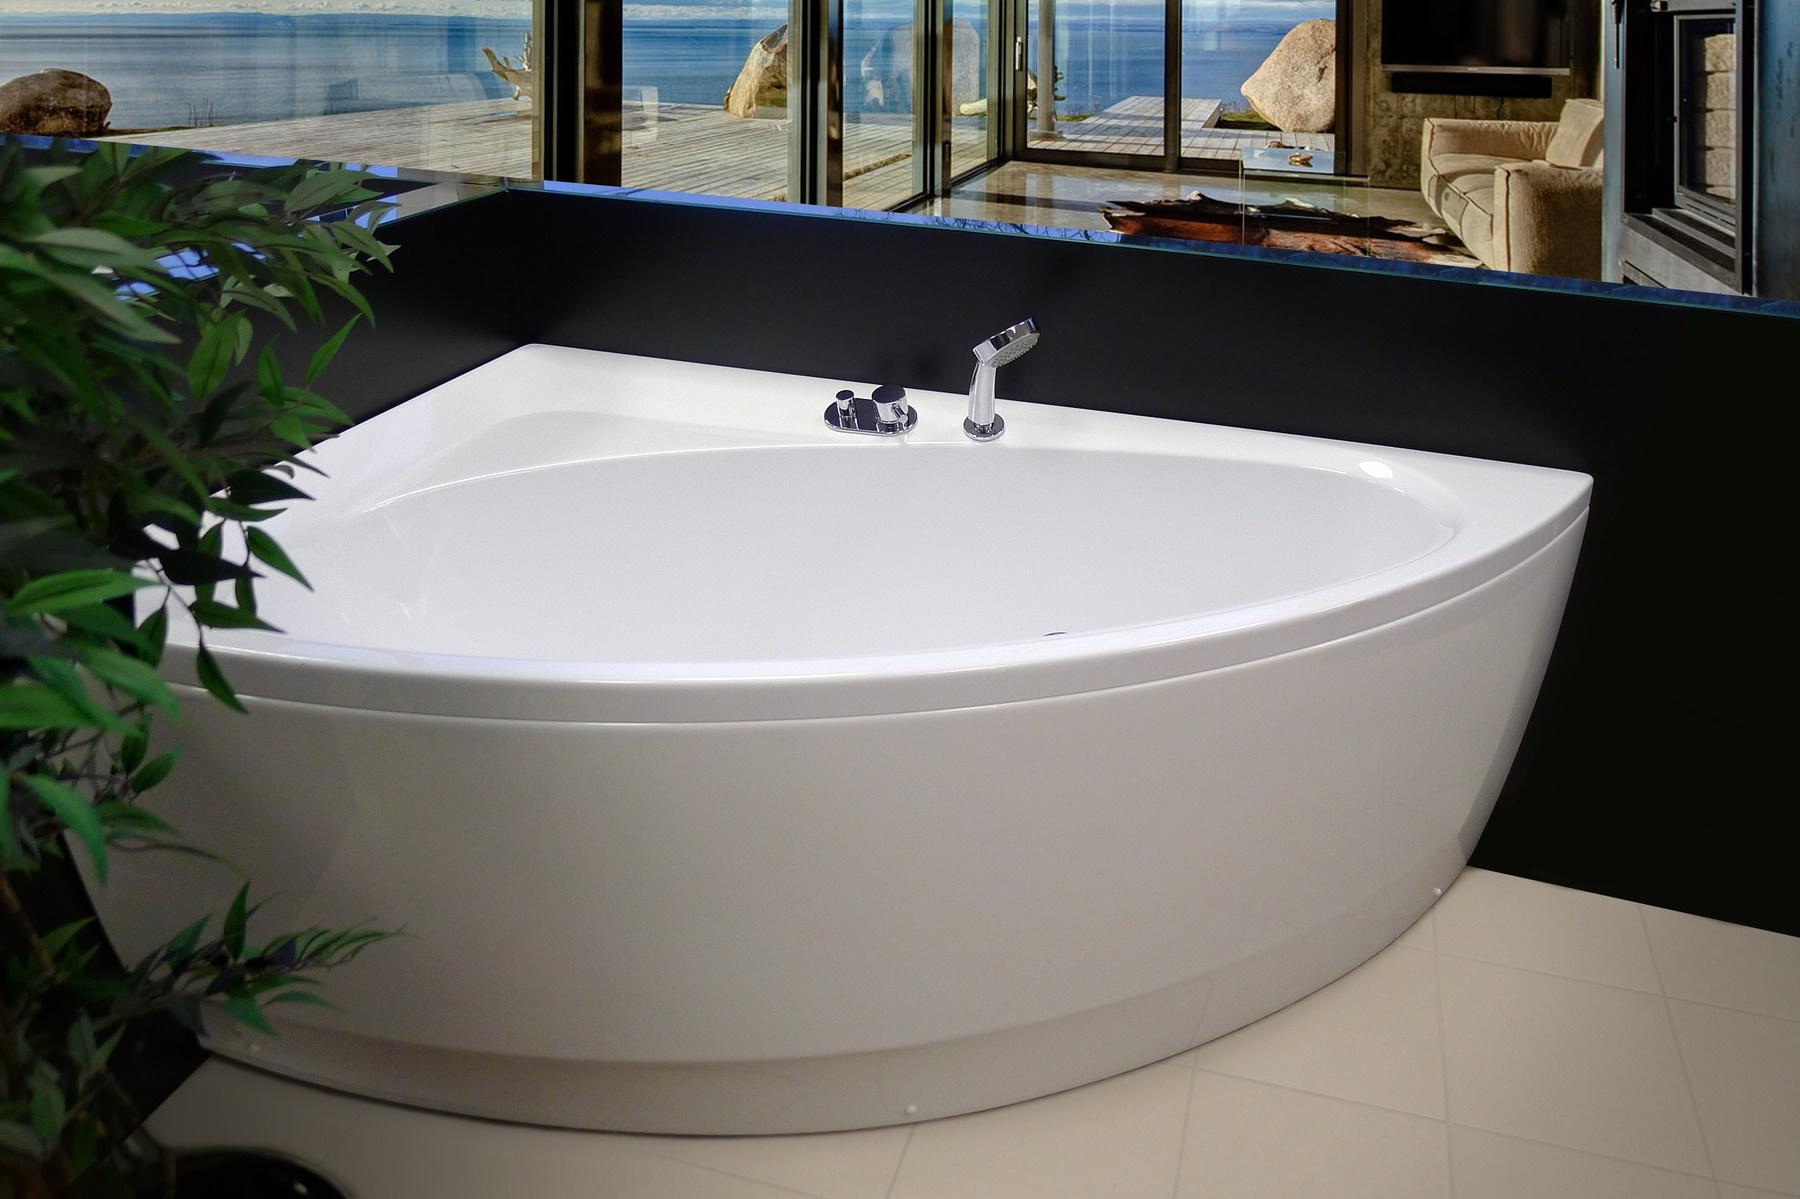 Vasca Da Bagno Angolare Dimensioni : Misure vasca da bagno ad angolo vasche ad angolo misure ingombri